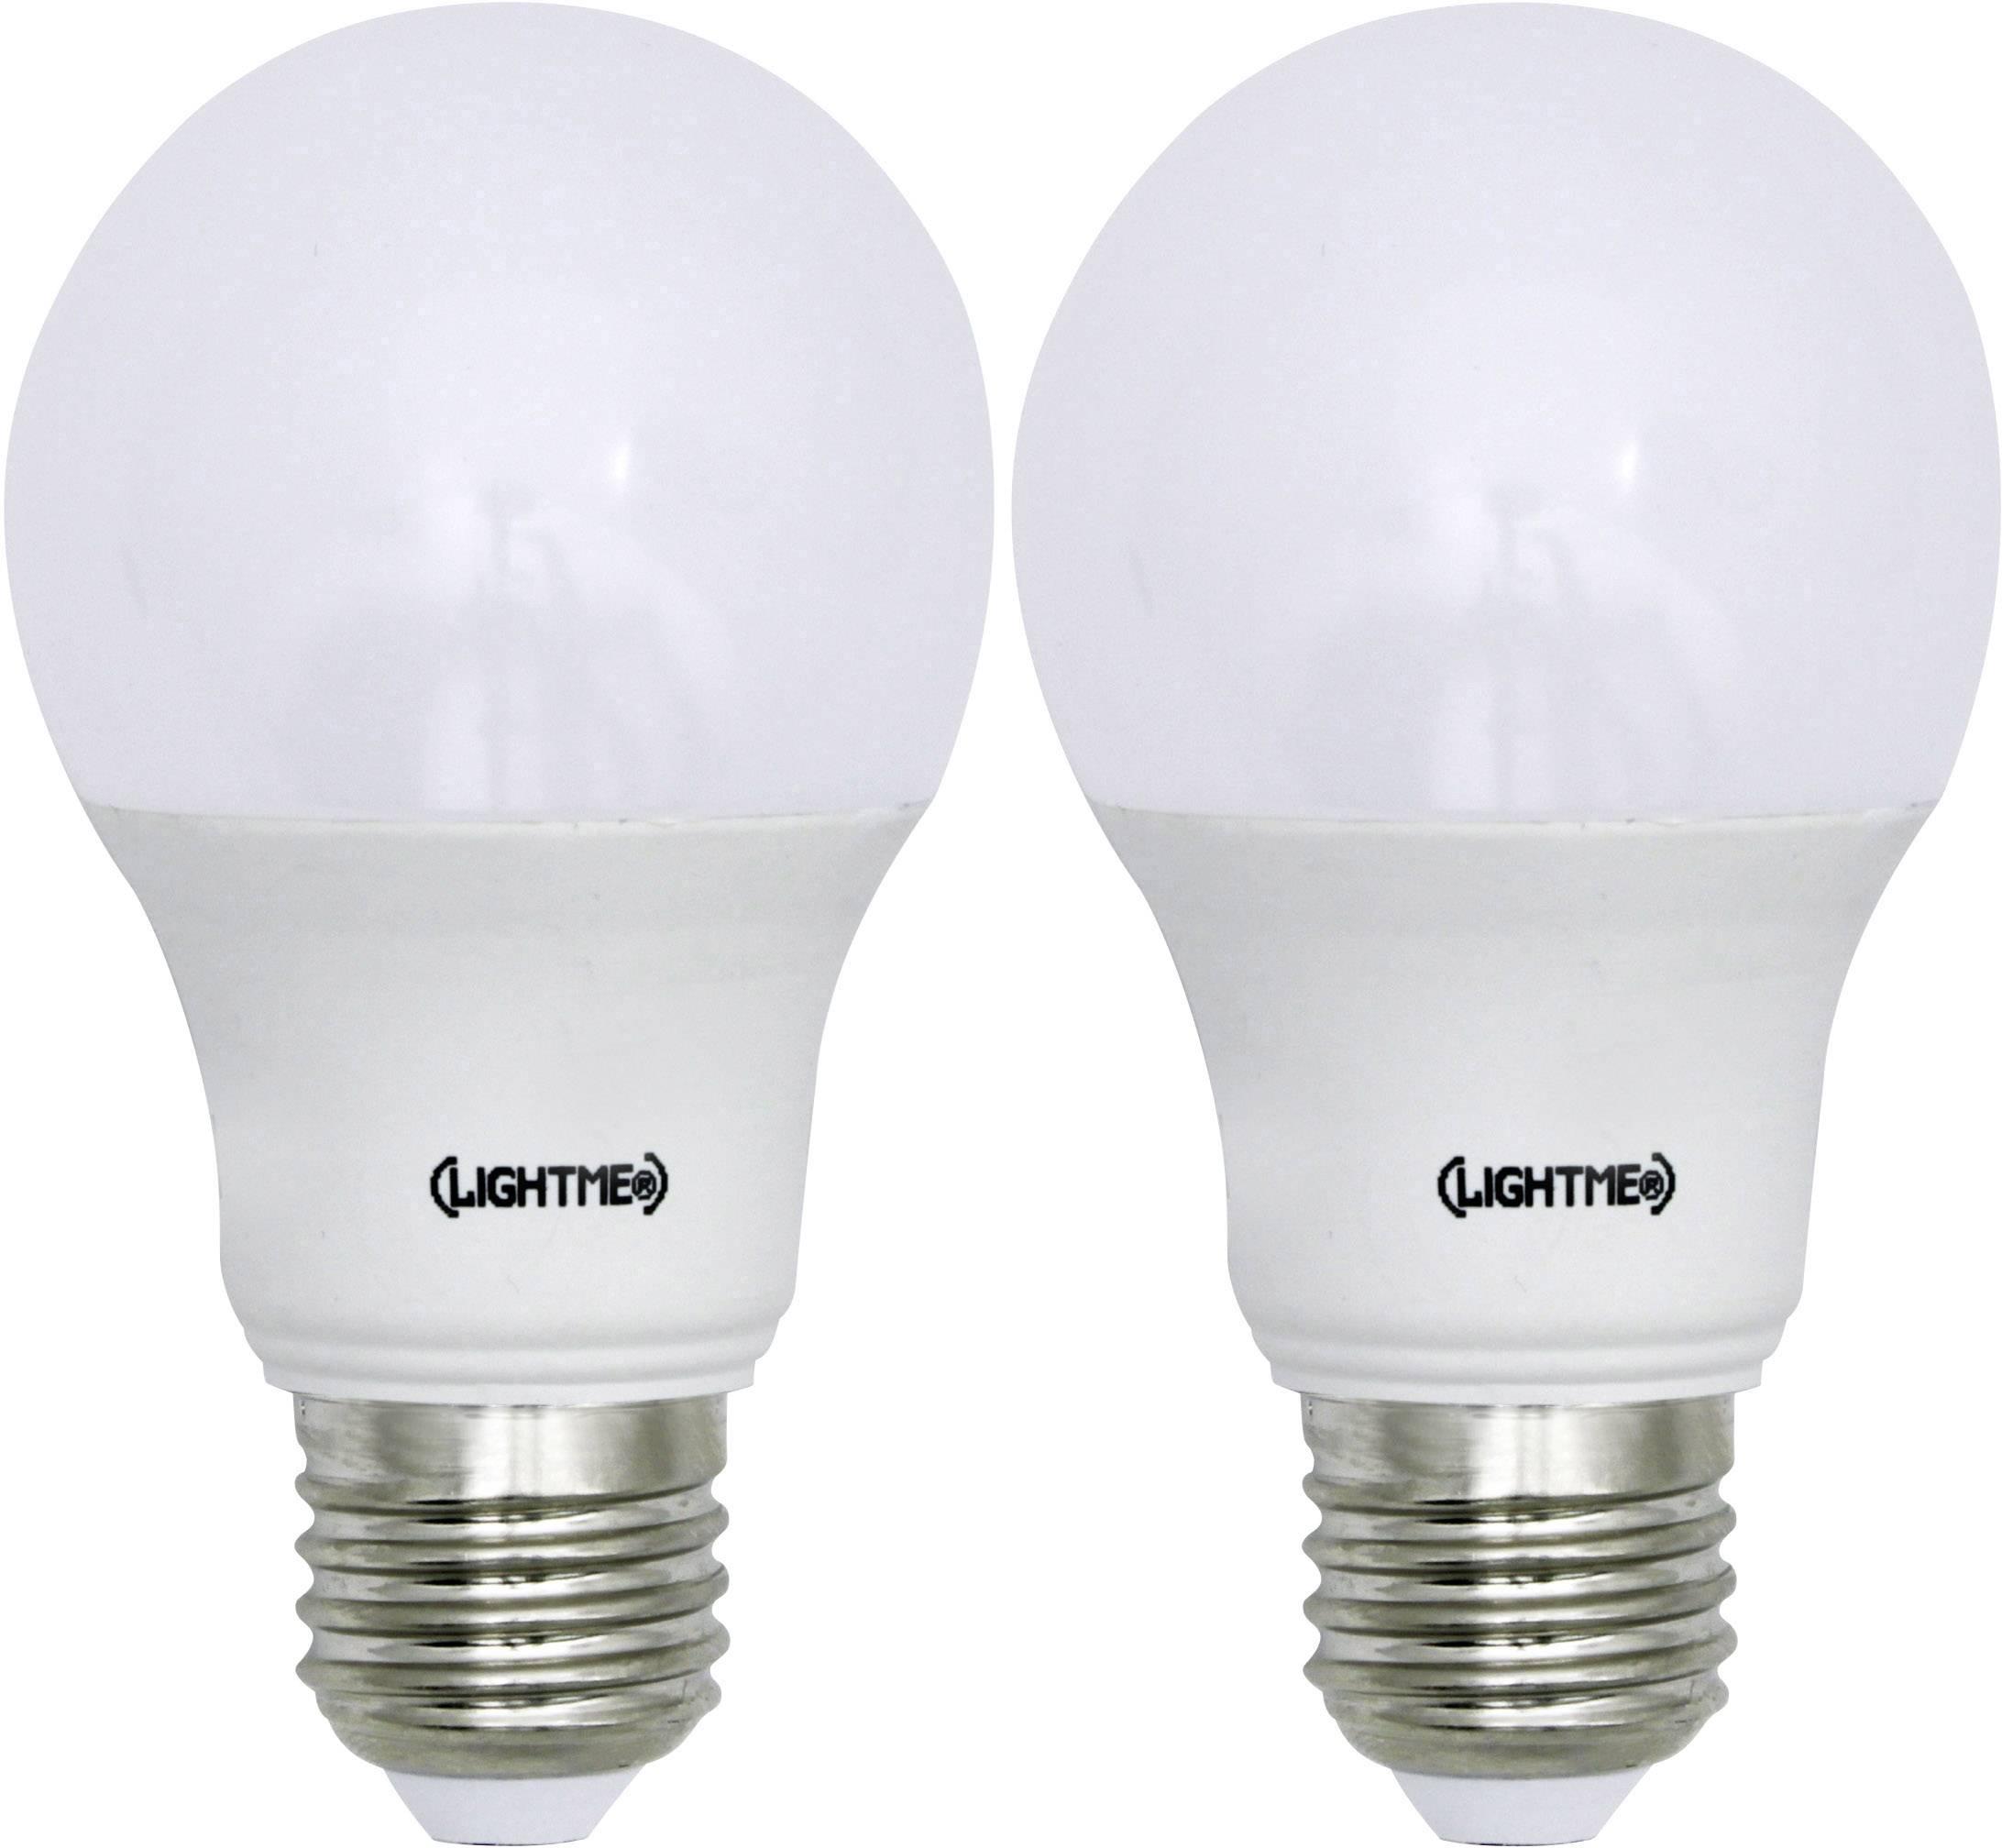 LED žiarovka LightMe 5bSA-A806ST-Q1 230 V, 8.5 W = 60 W, teplá biela, A+, 2 ks